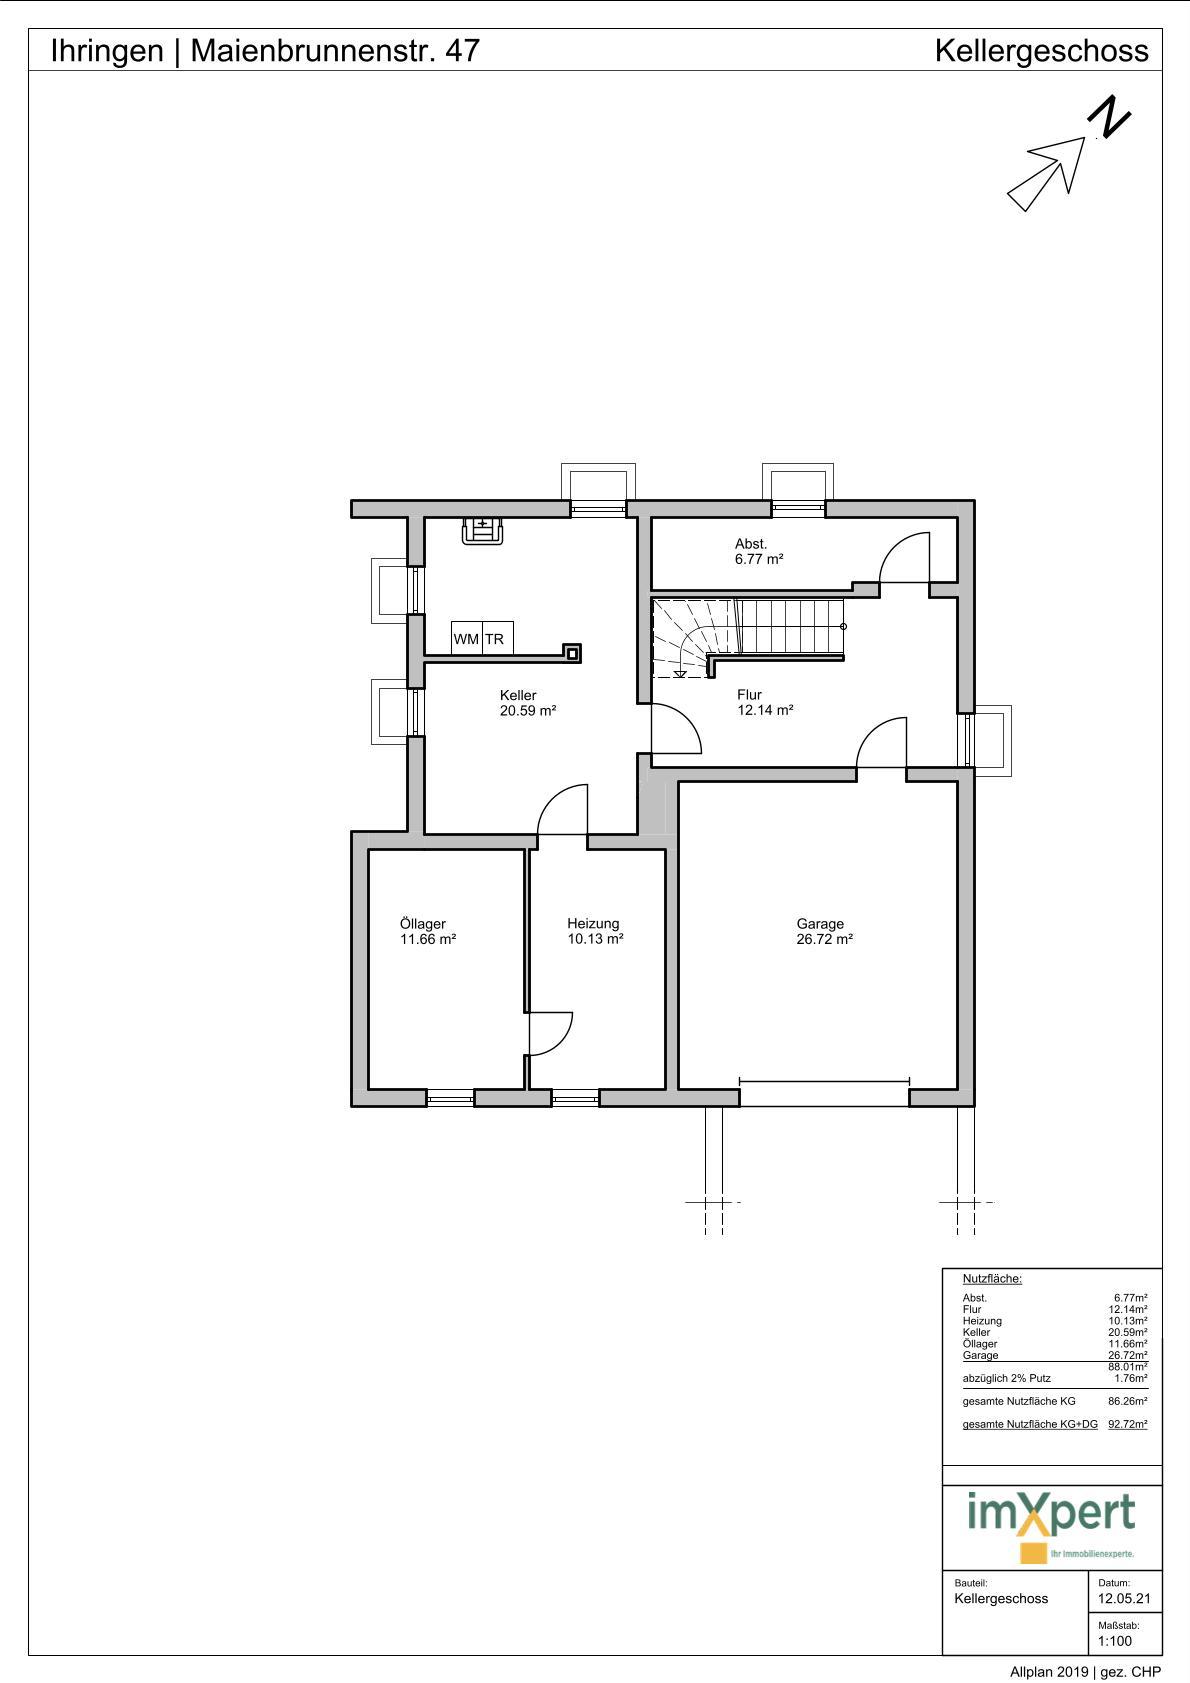 Einfamilienhaus in Ihringen - Grundriss Kellergeschoss